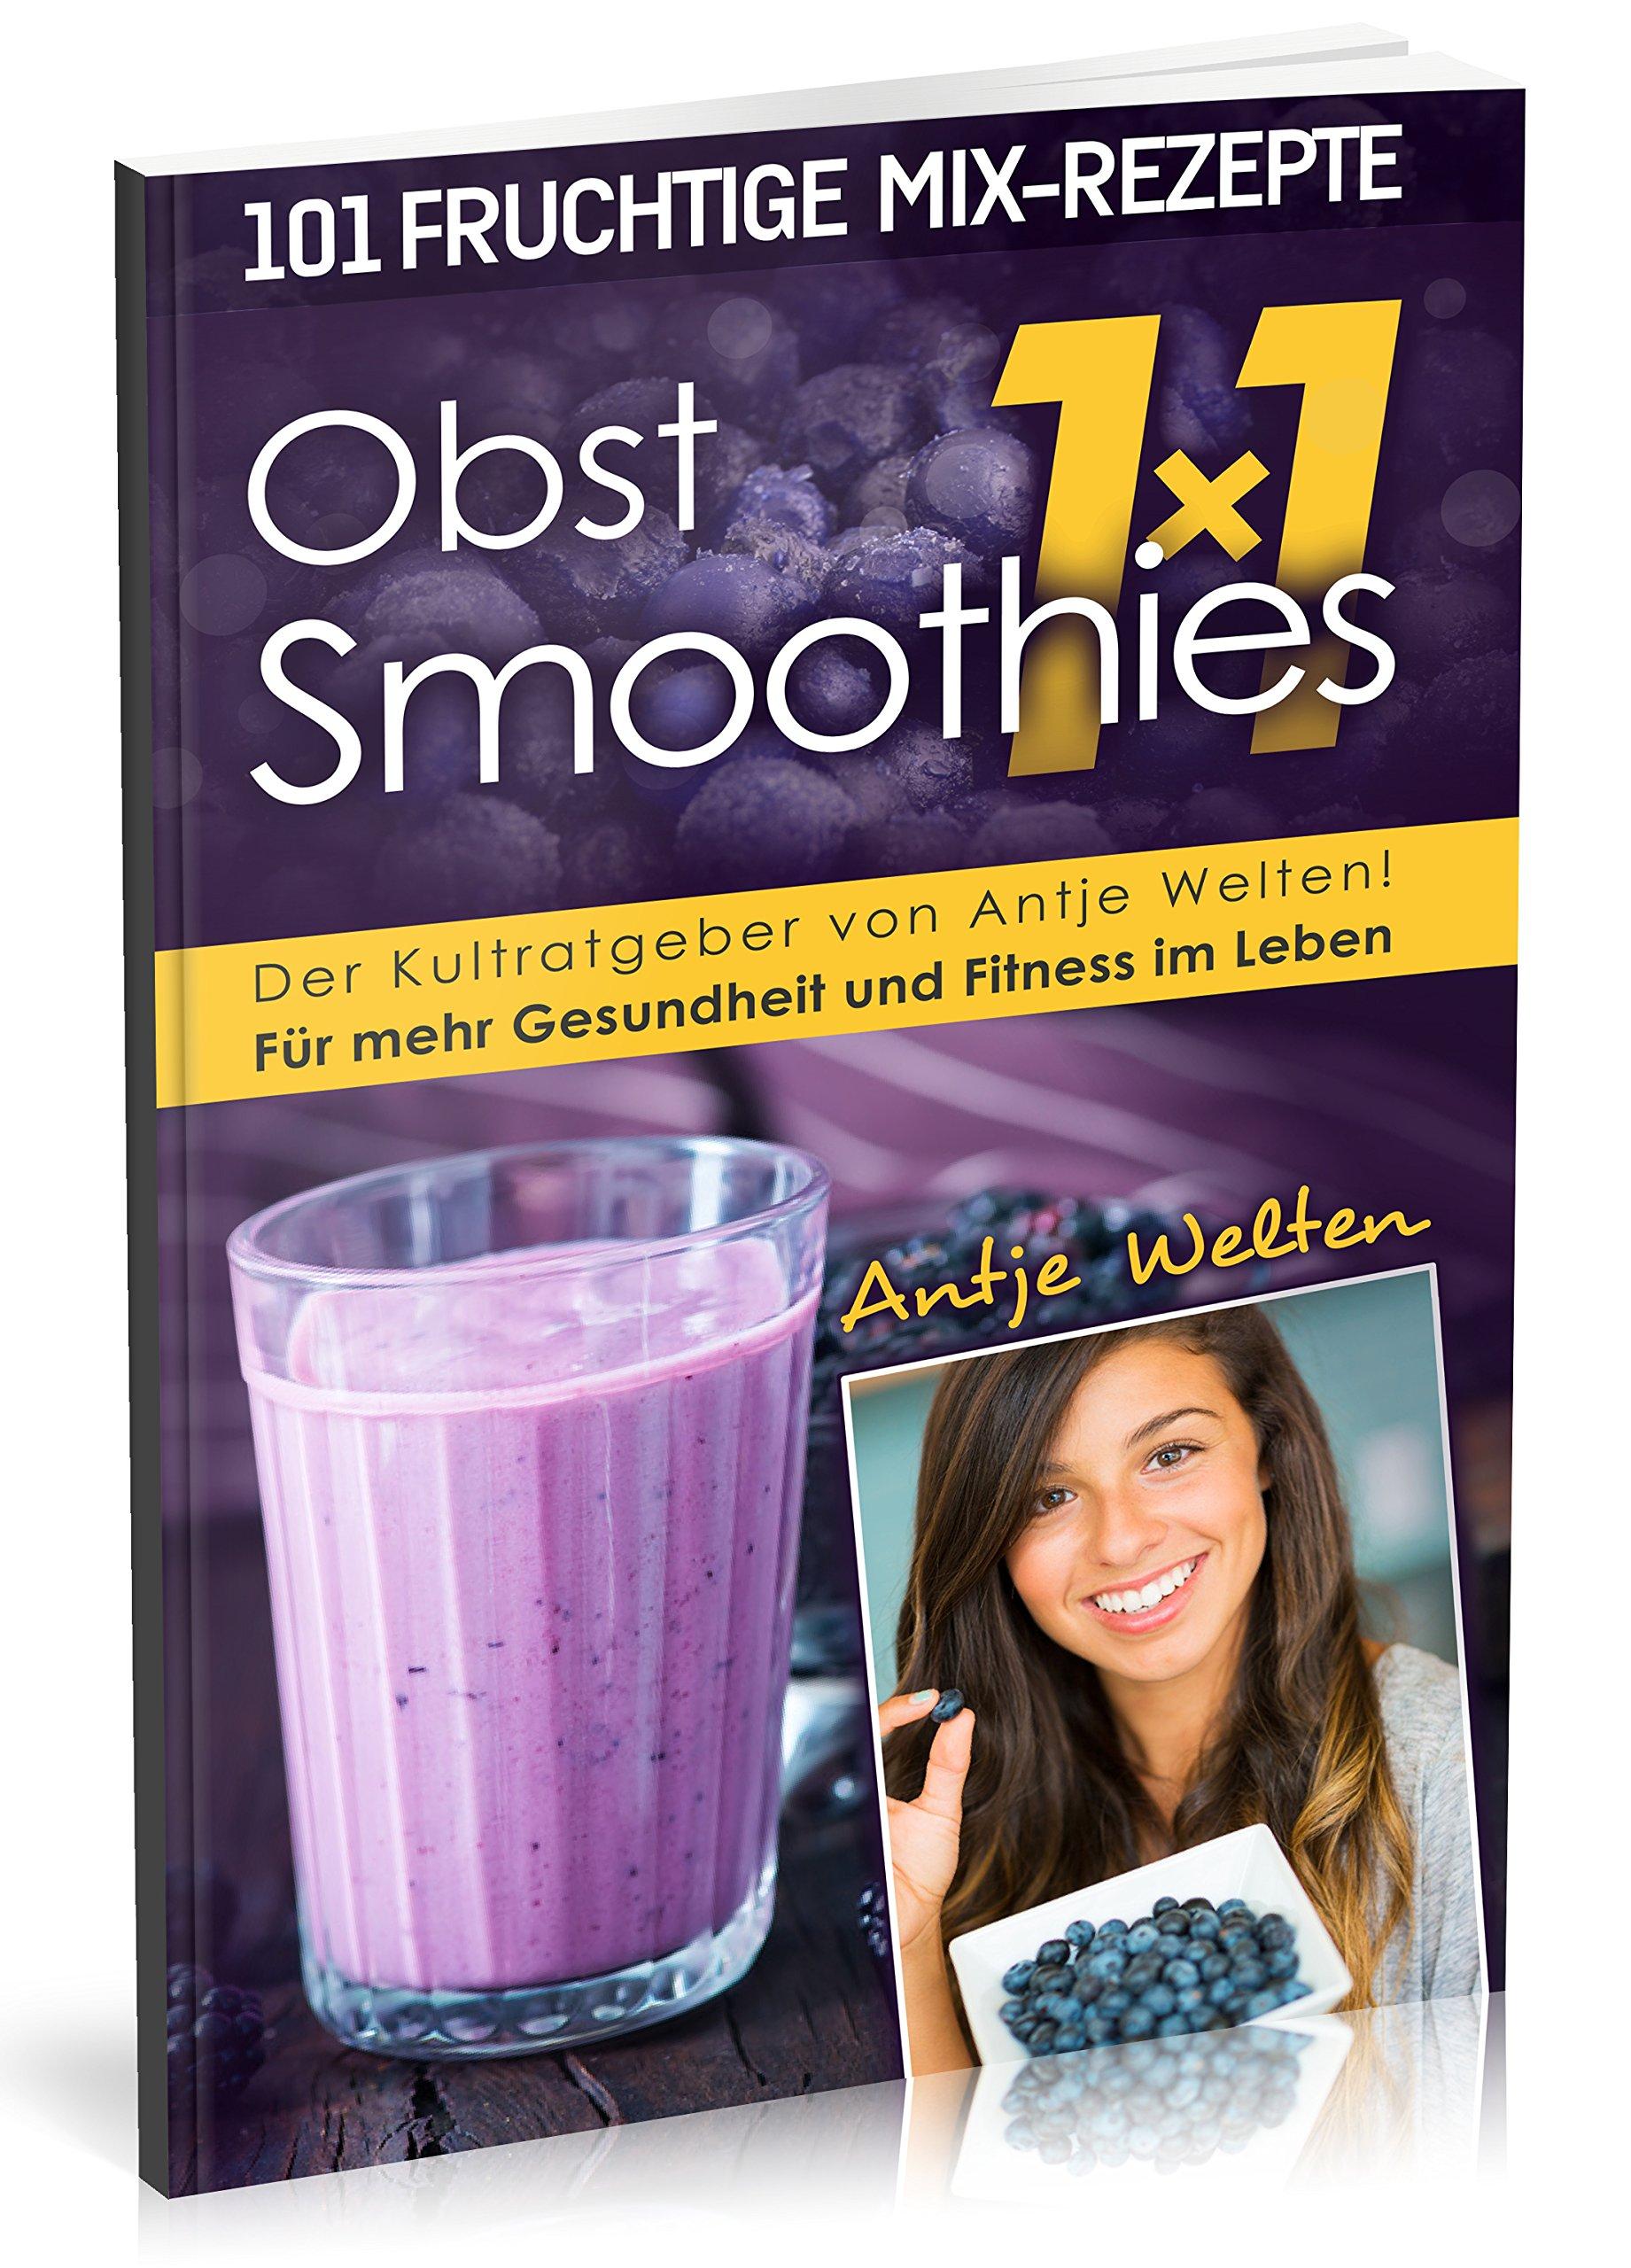 Das Obst Smoothies 1x1: 101 Rezepte für mehr Gesundheit & Fitness im Leben (Rohkost, Smoothie & Detox Rezepte) Taschenbuch – 8. Februar 2016 Antje Welten 1530040302